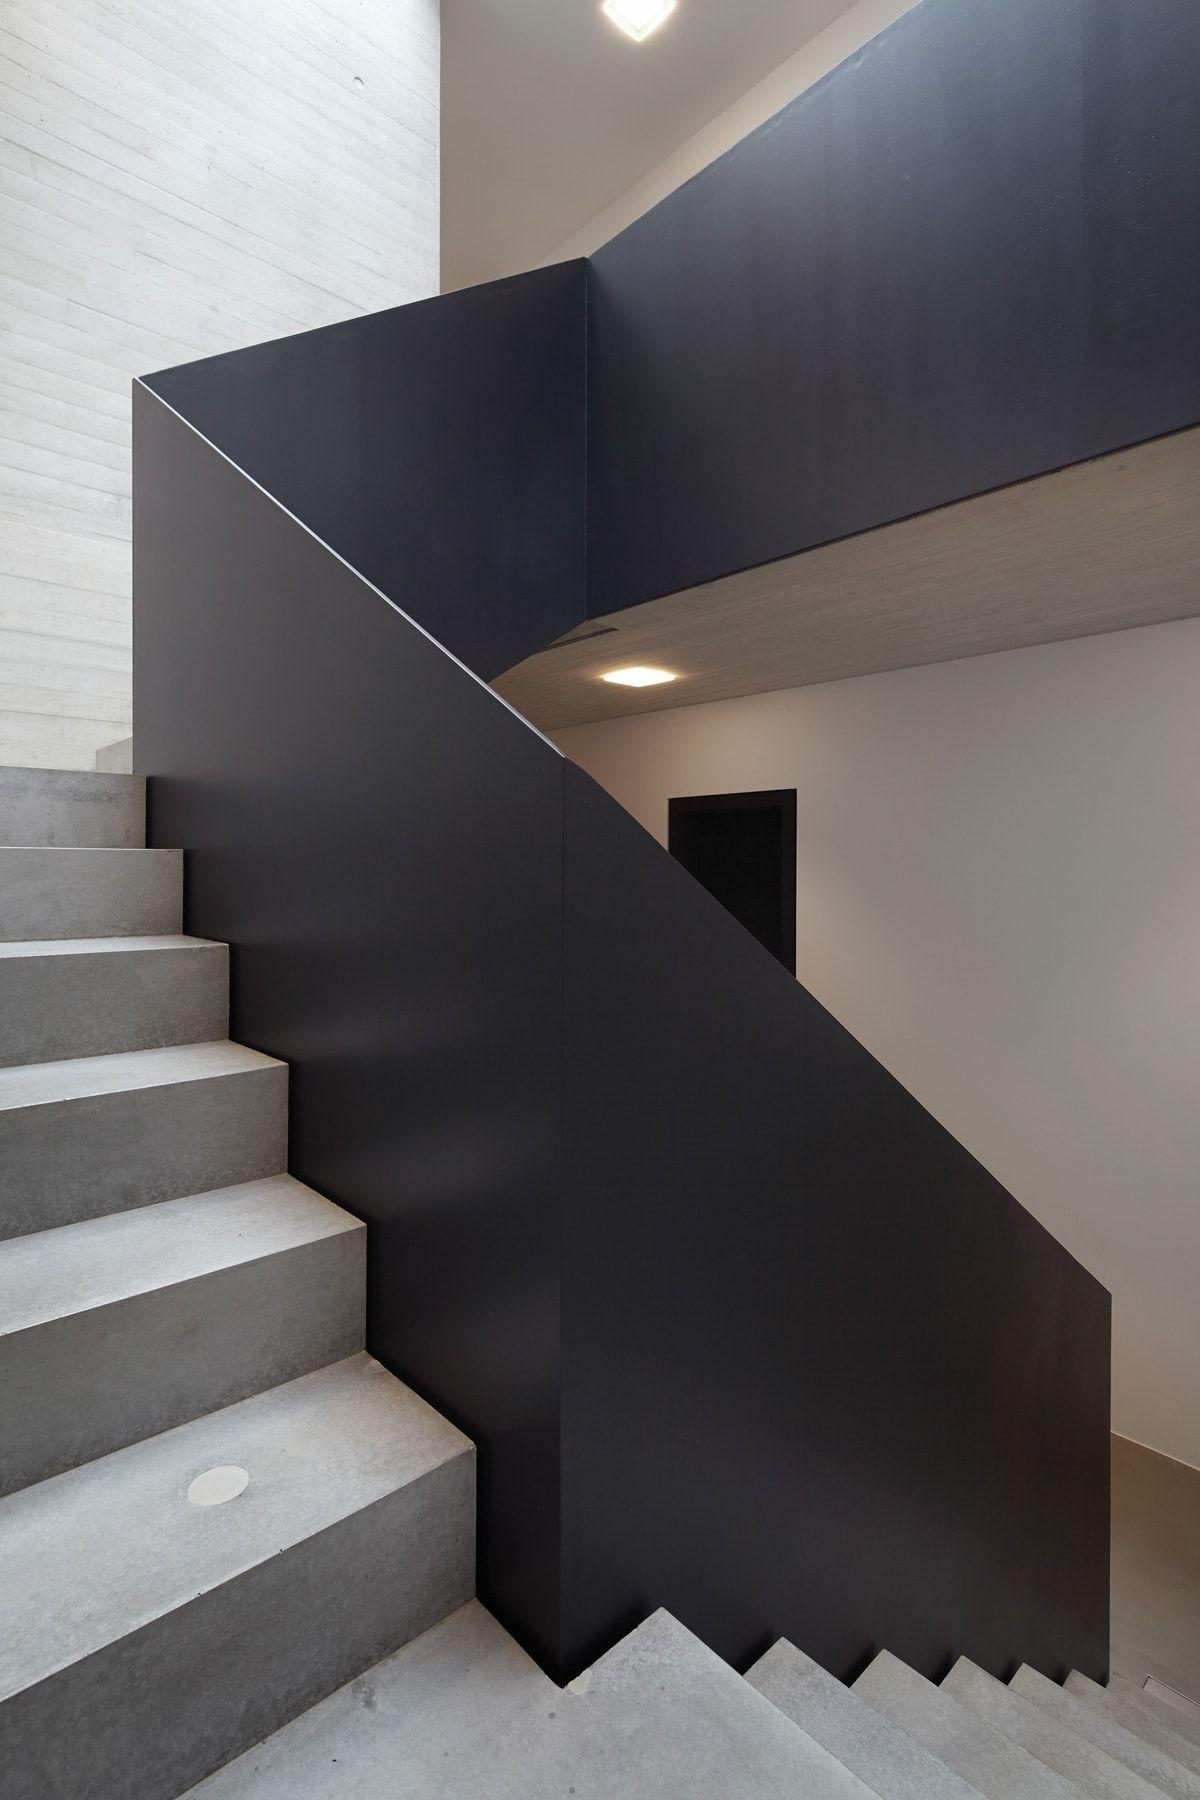 Treppen architektur einfamilienhaus  GEORG DÖRING ARCHITEKTEN DÜSSELDORF | Einfamilienhaus Ludenberg ...